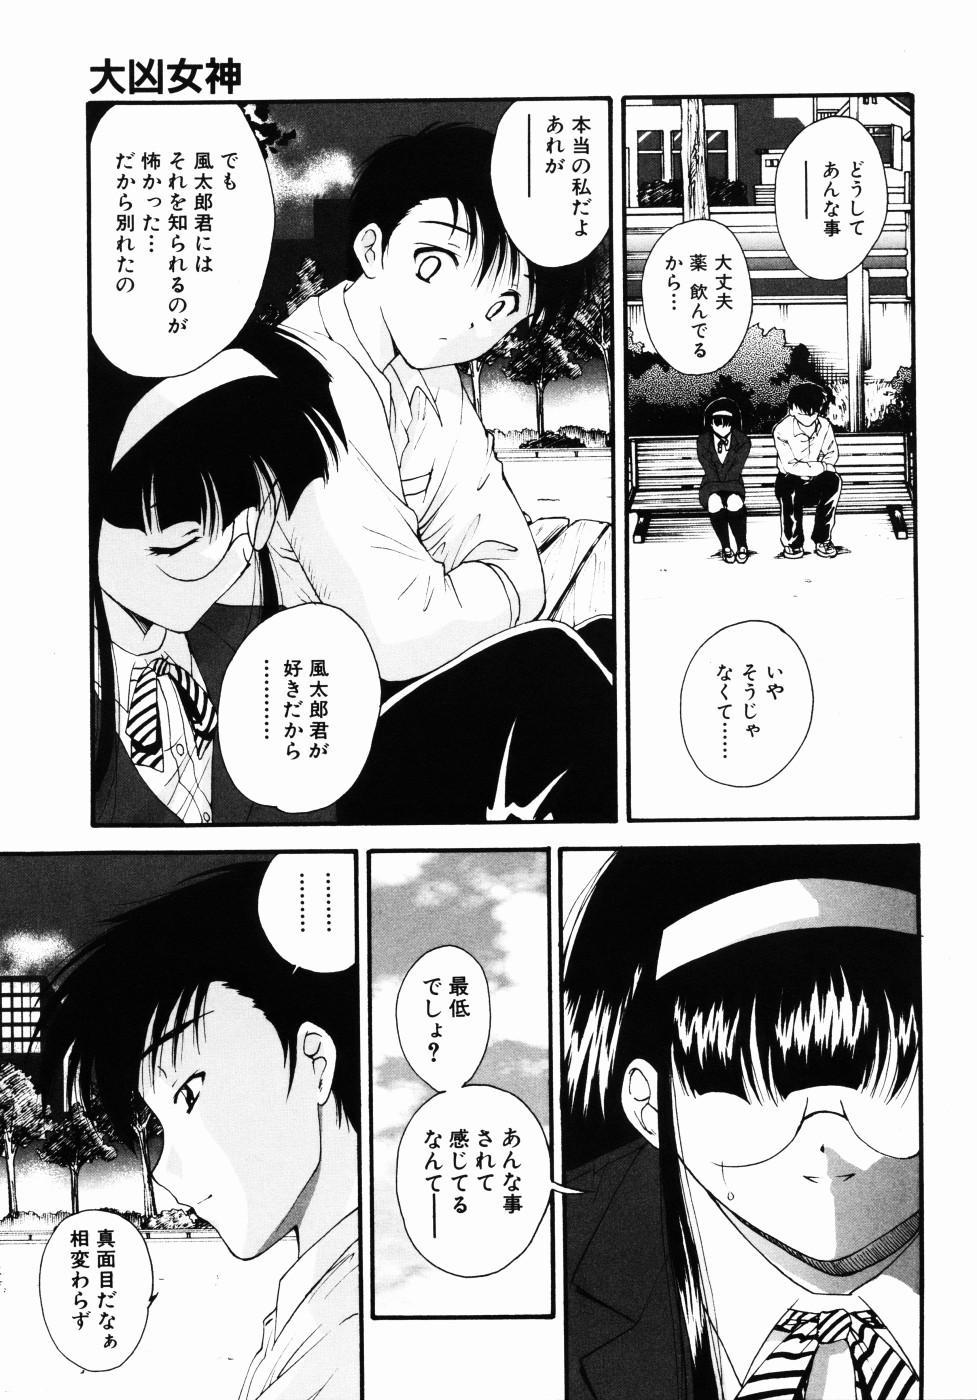 Daikyou Megami 51